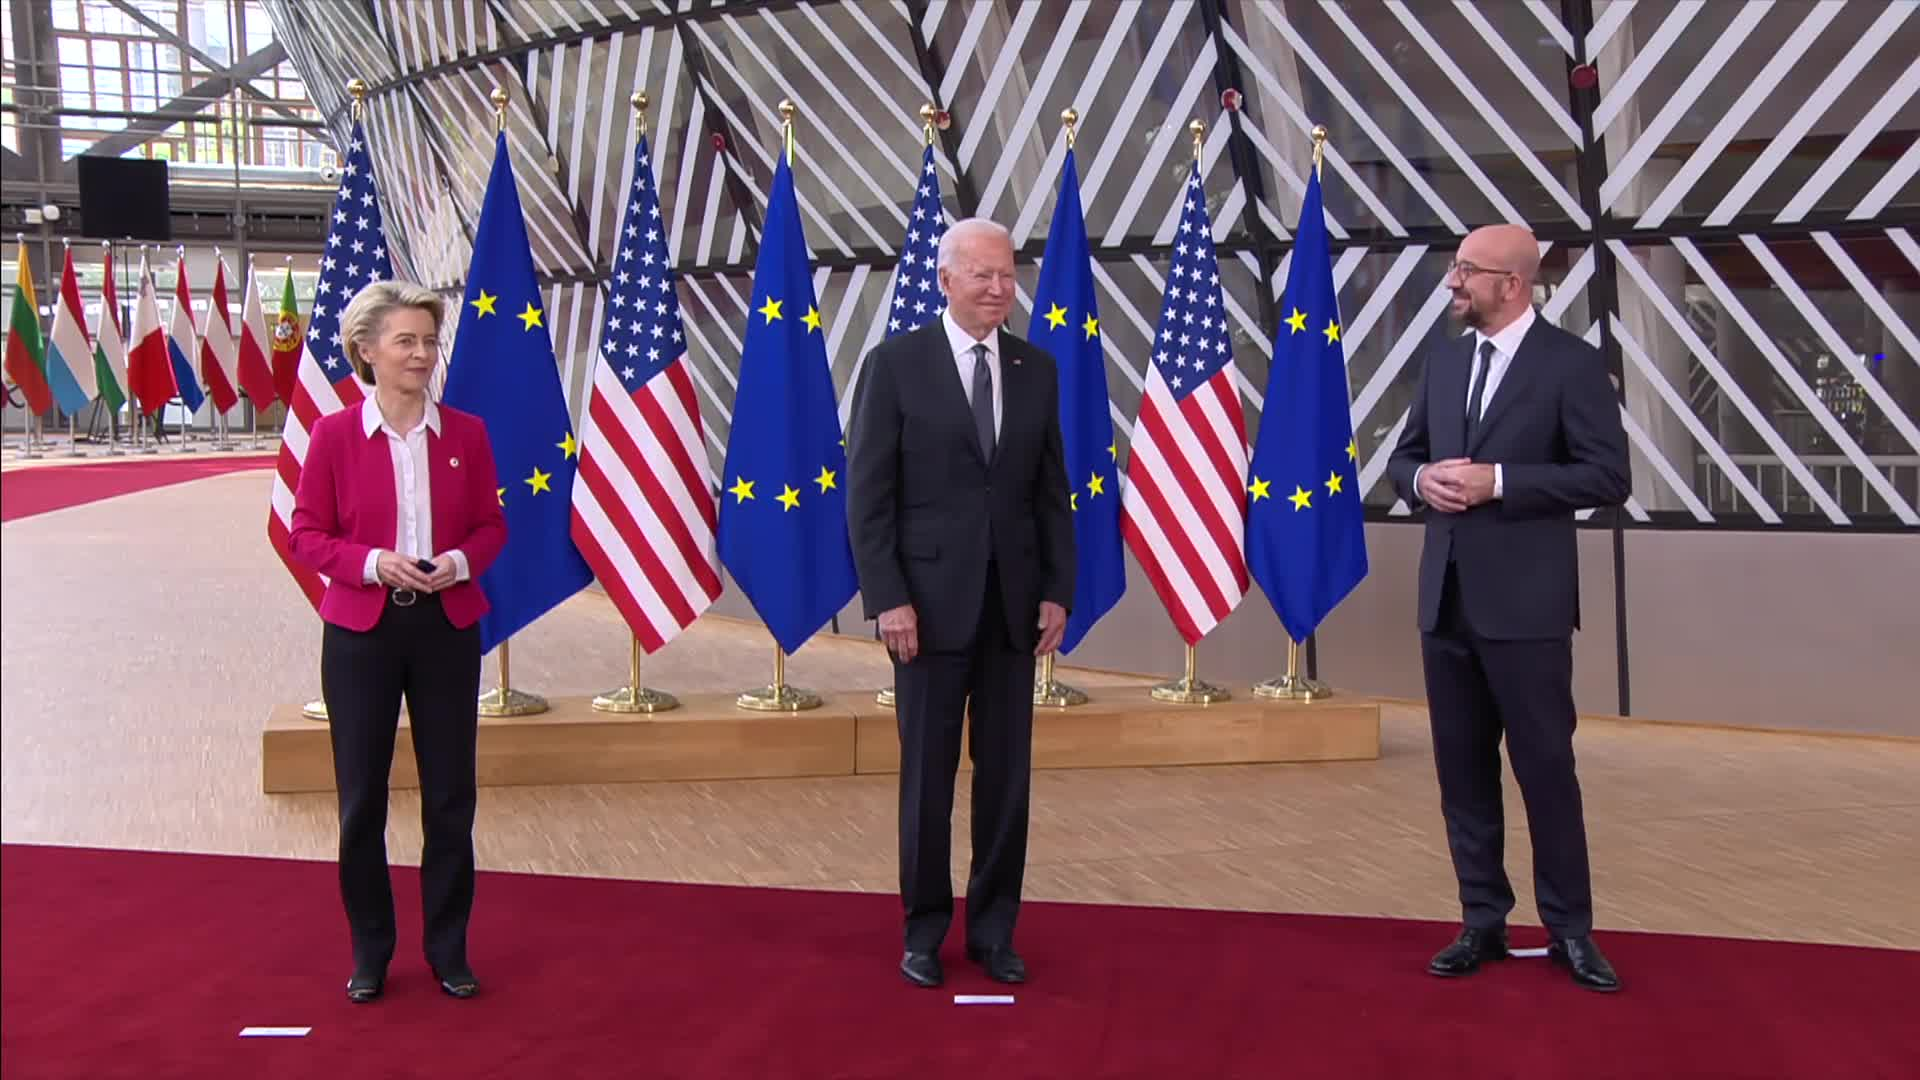 Sommet entre l'Union Européenne et les États-Unis : vers un nouveau partenariat transatlantique ?